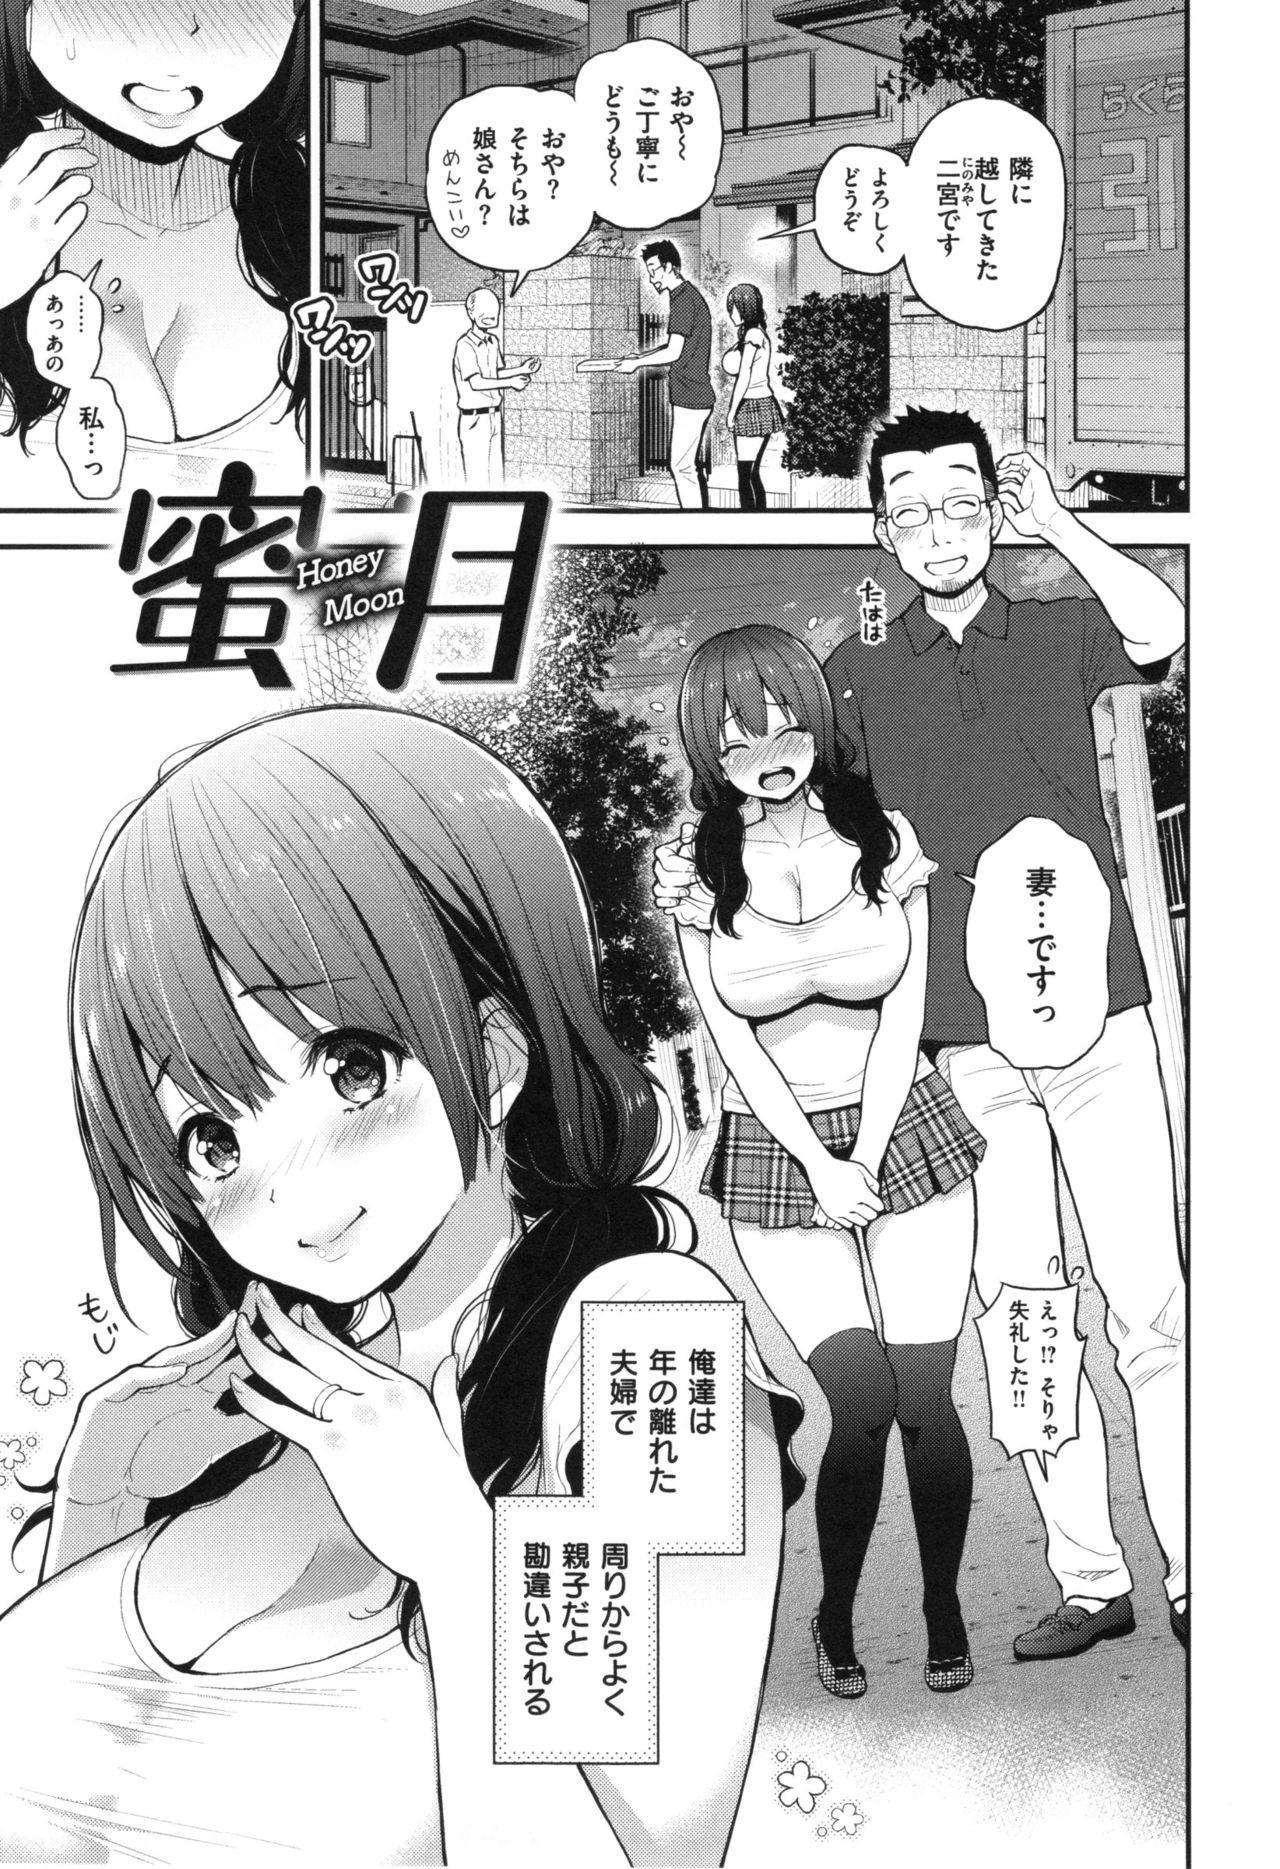 Futari no Himitsu 61